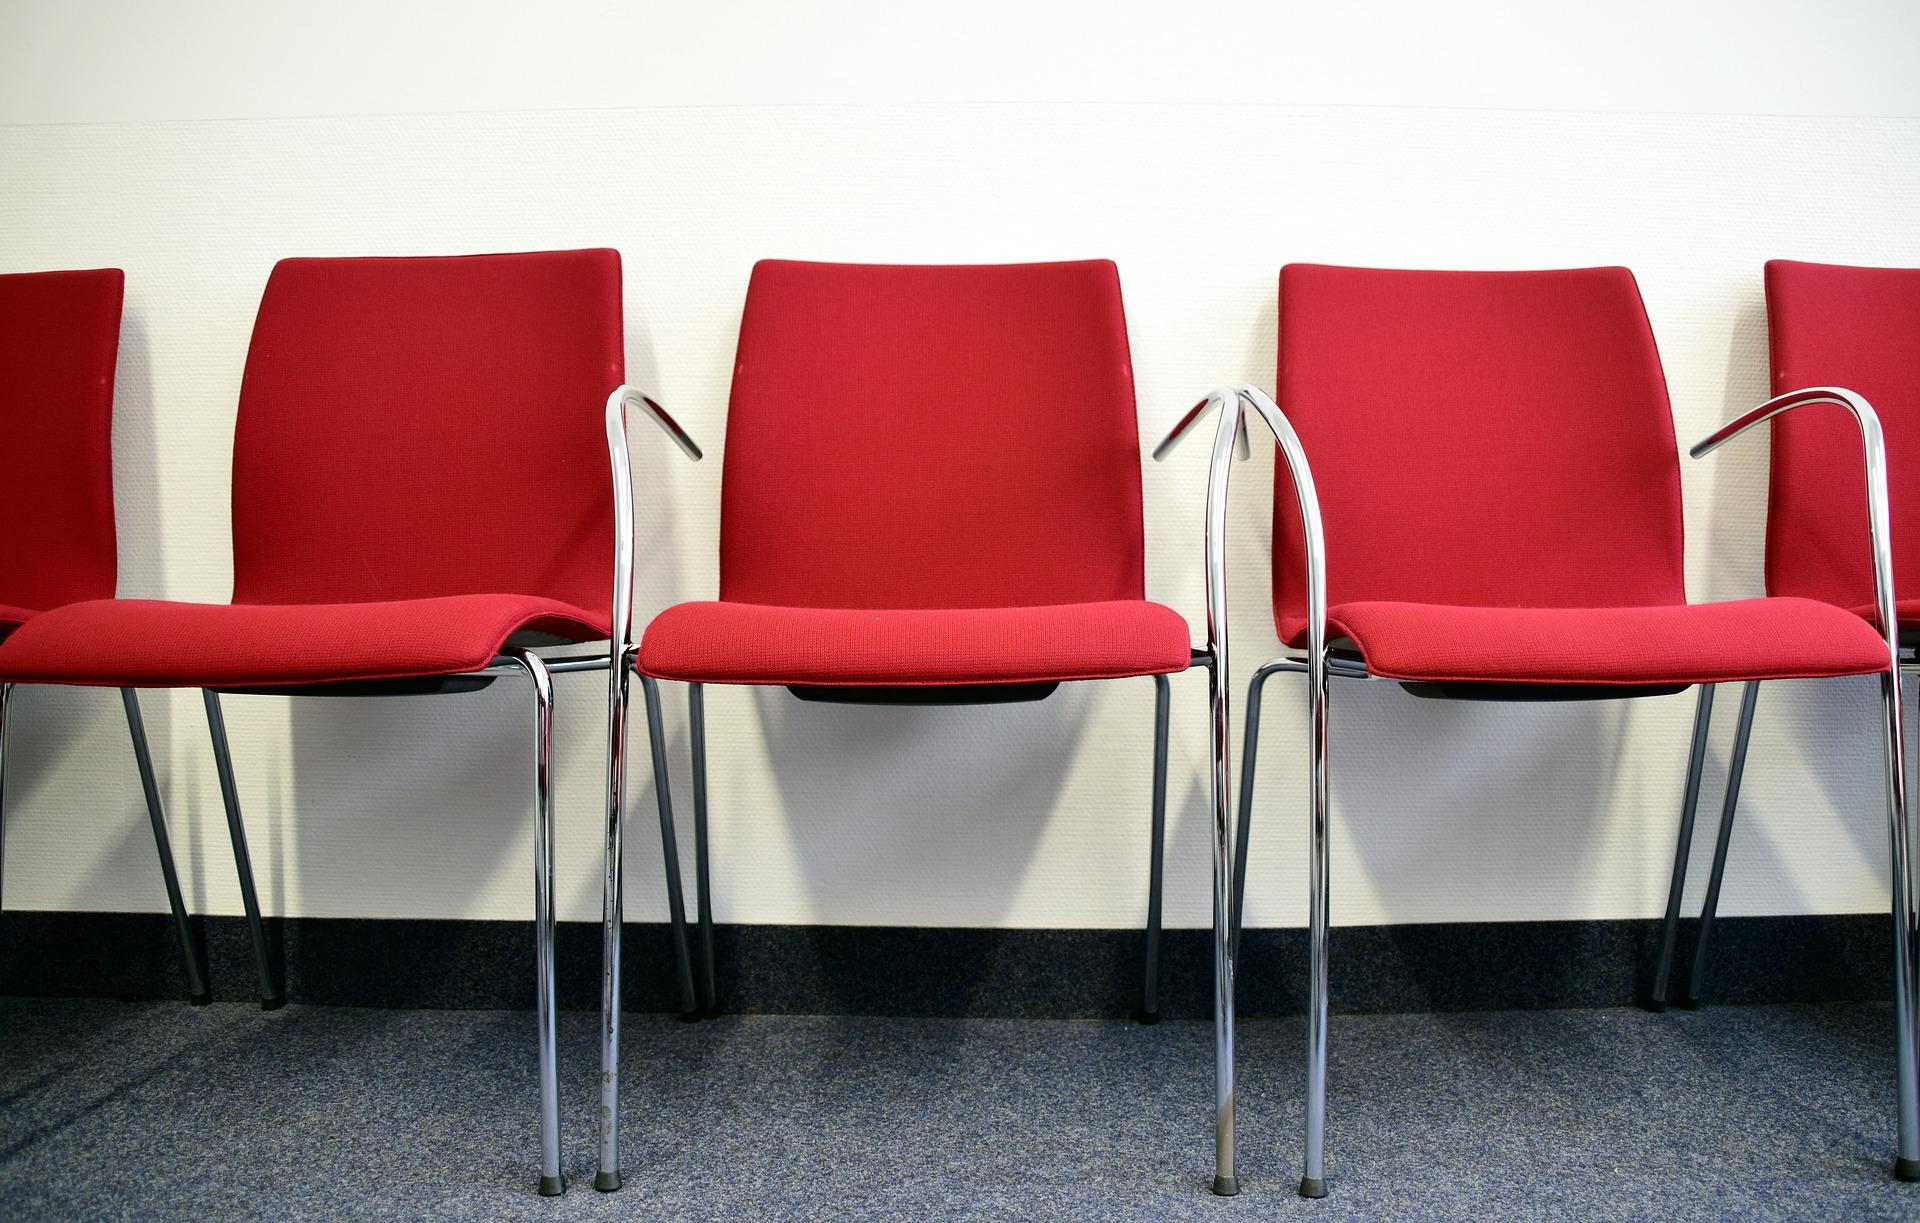 bilde av en rekke med tre røde stoler langs veggen i et rom